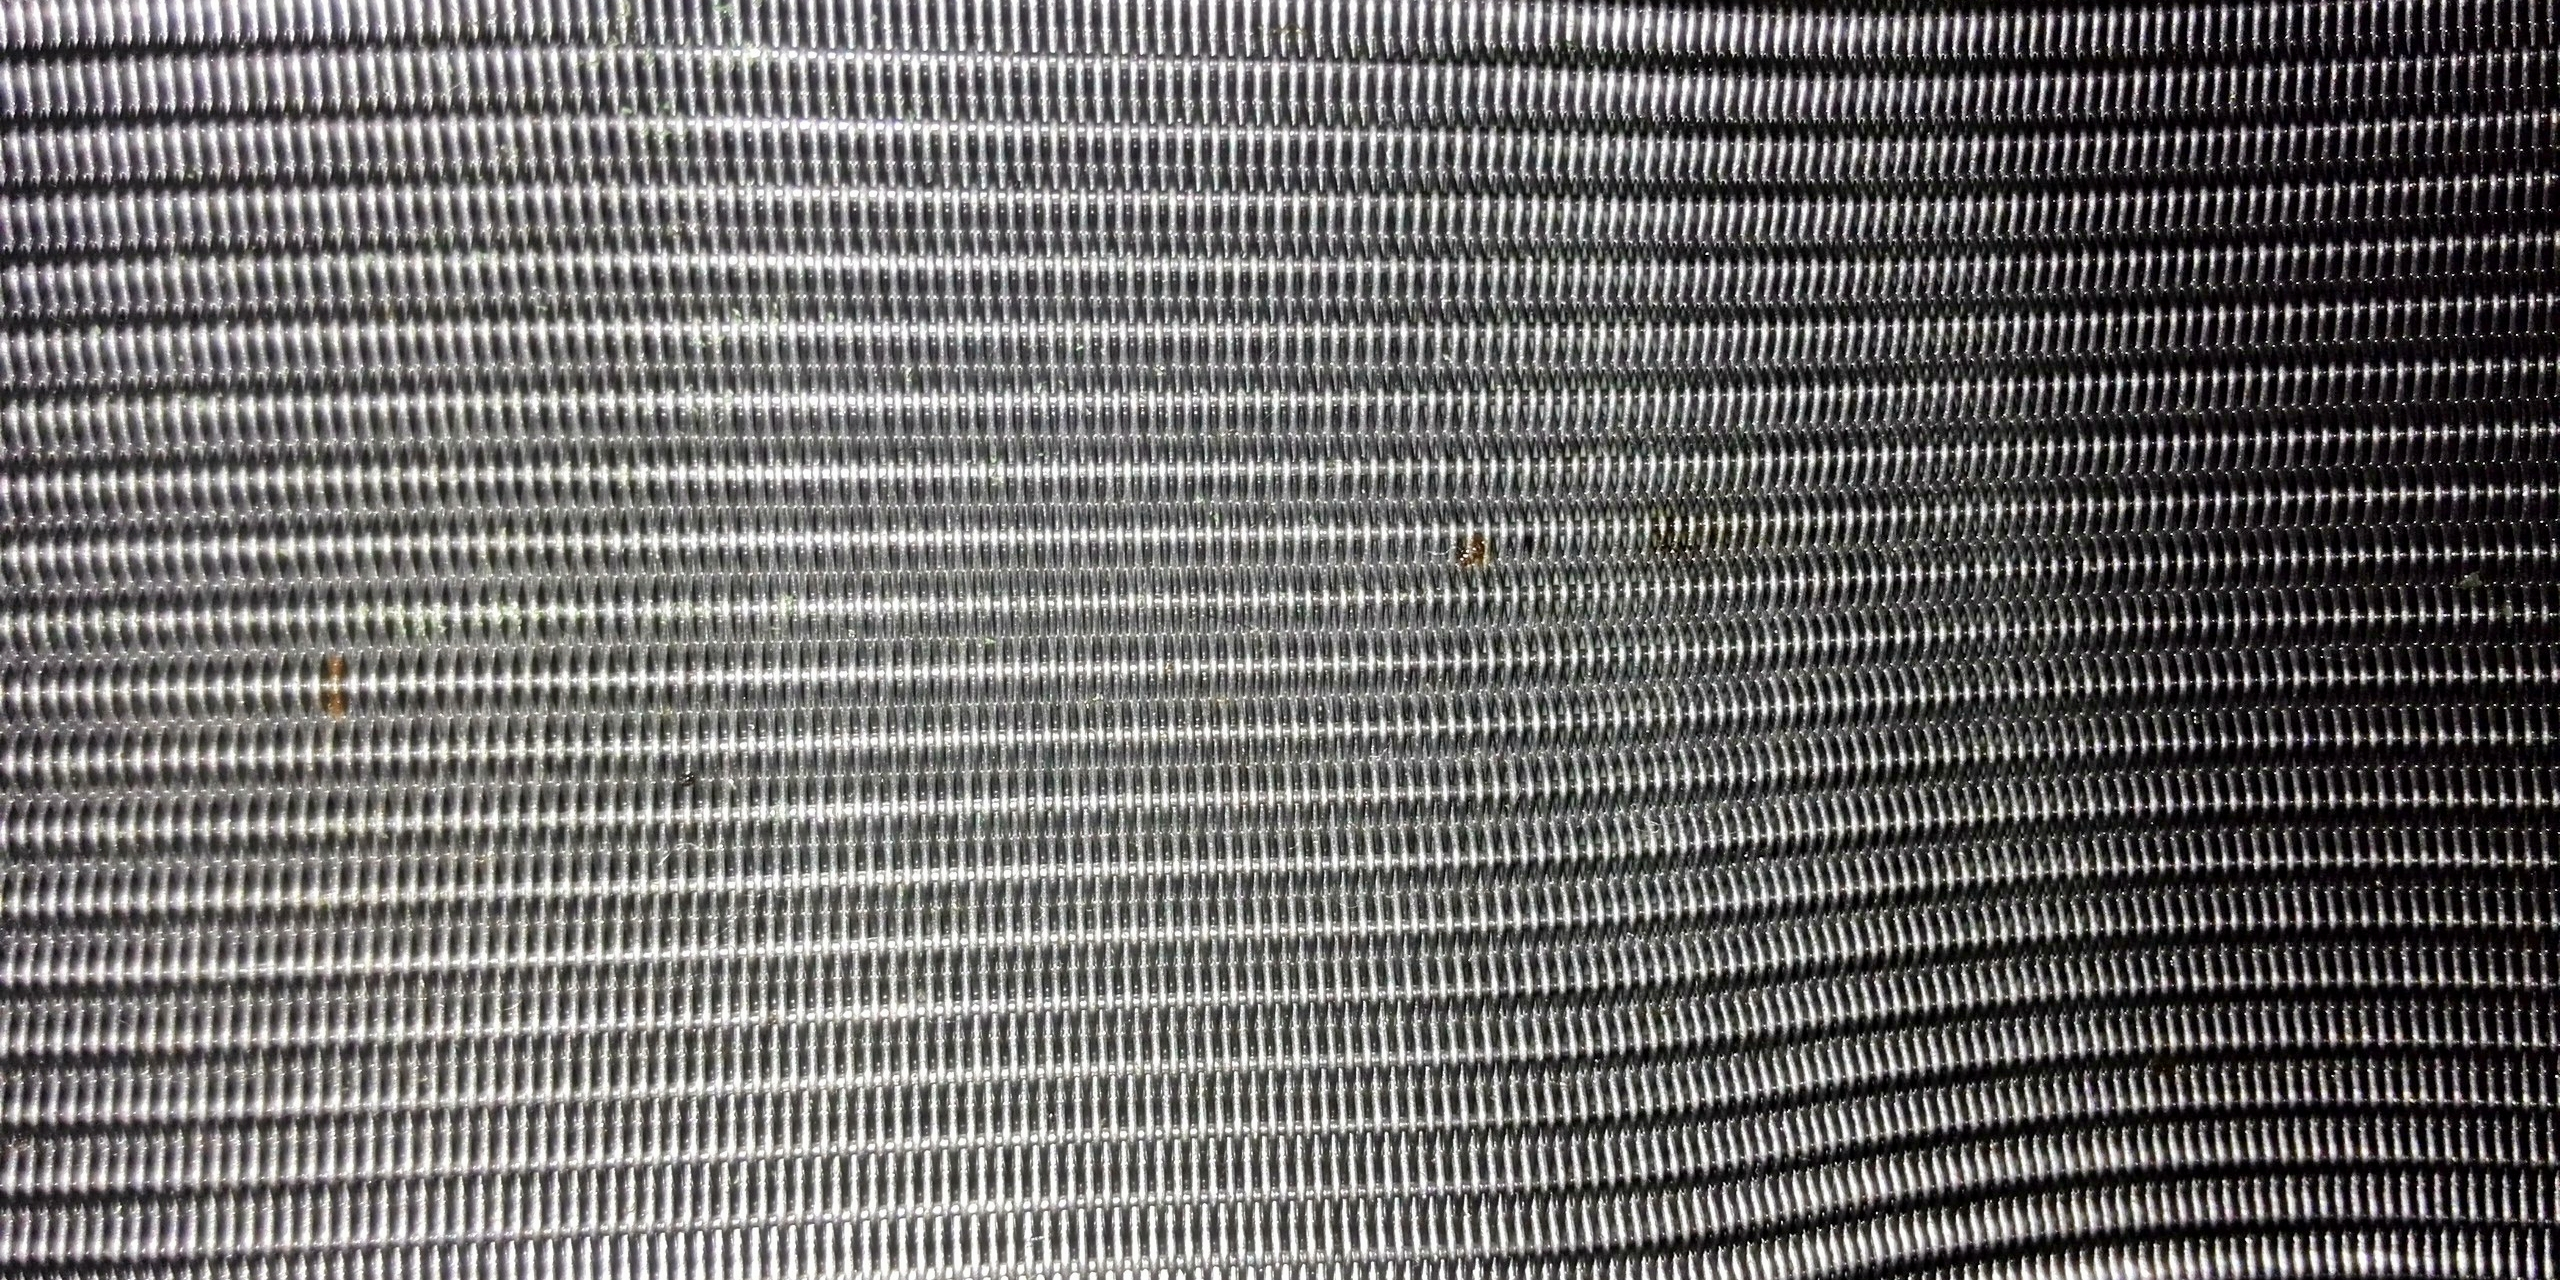 фильтровальная нержавеющая сетка